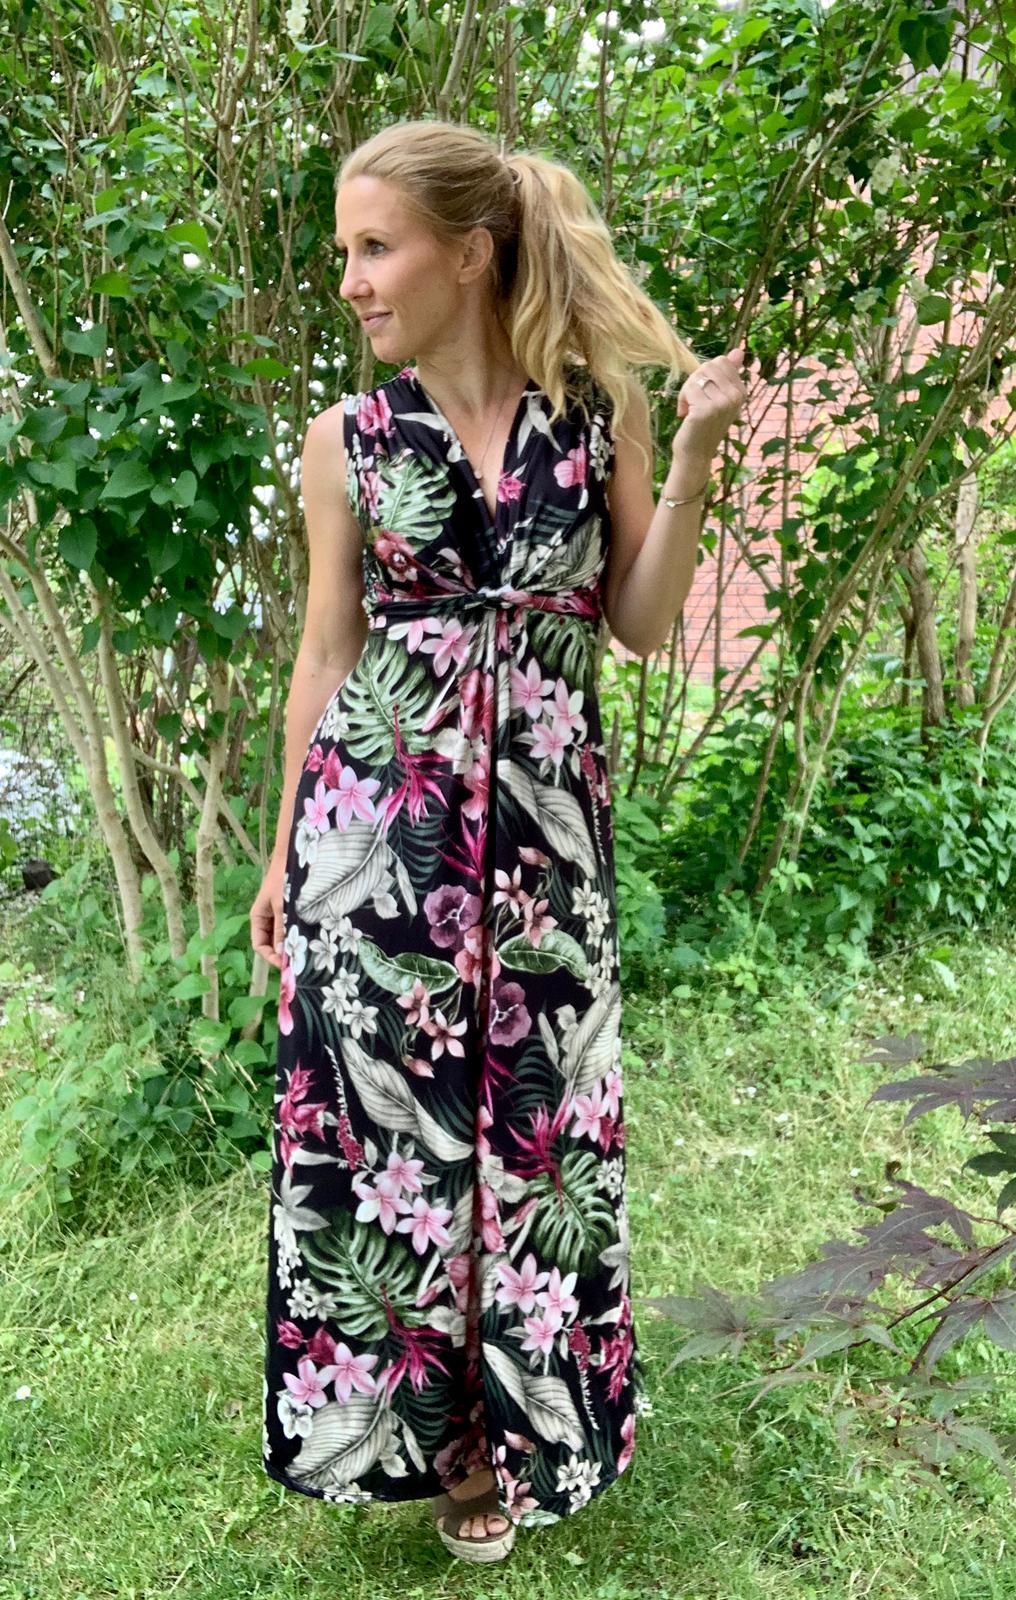 carly-långklänning-svart-tropisk-mobil-svart